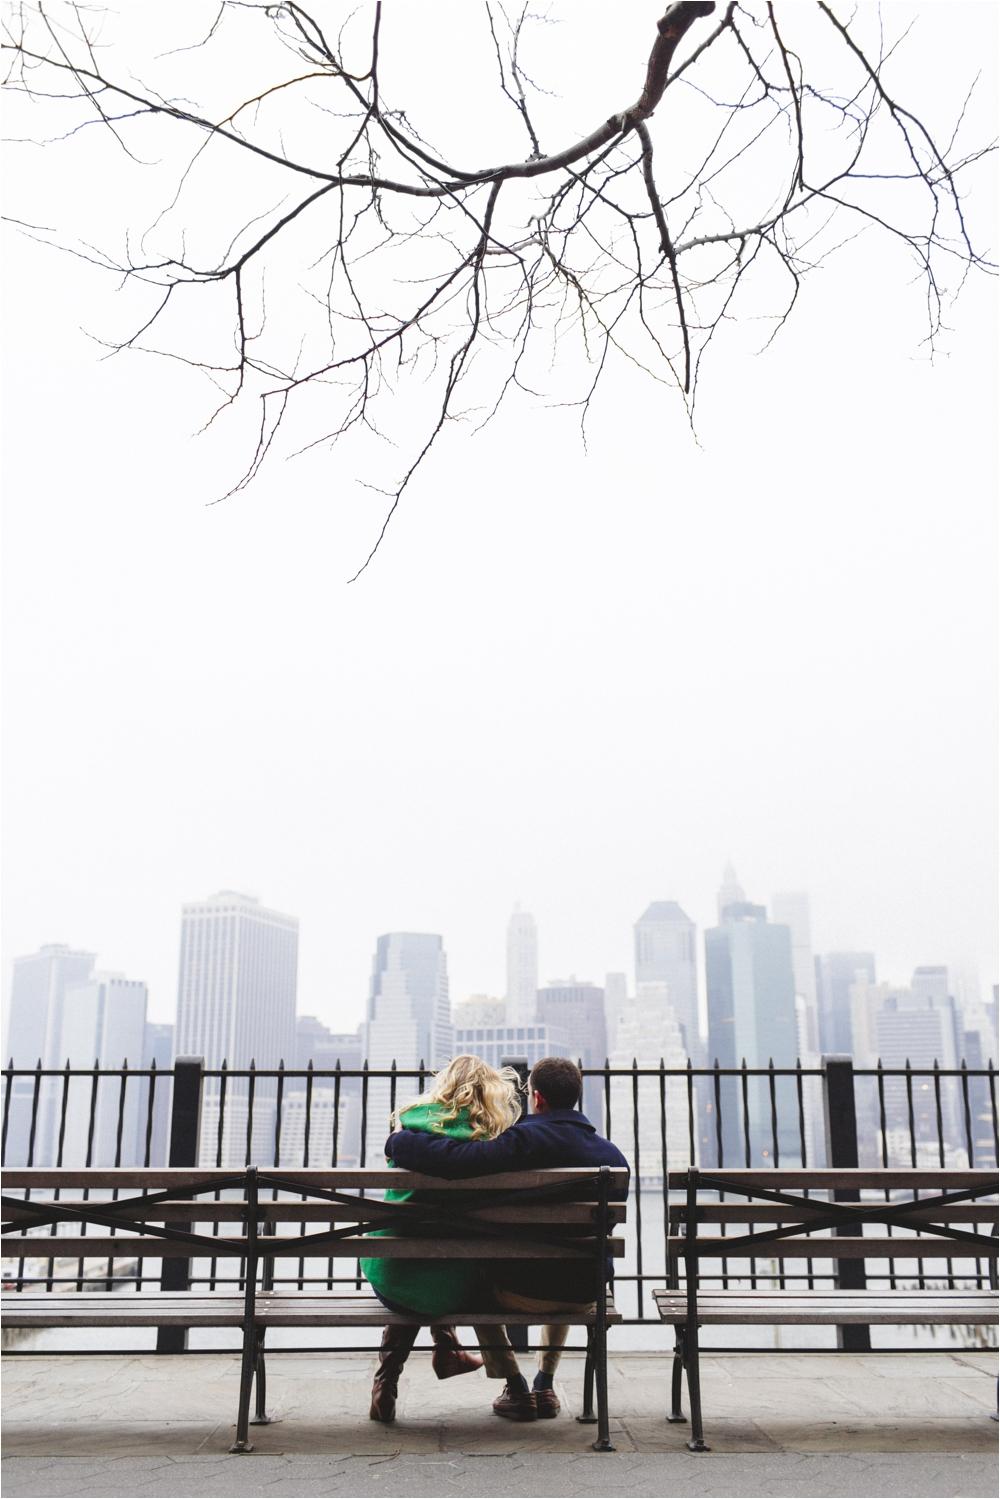 sarah-alan-new-york-city-winter_0003